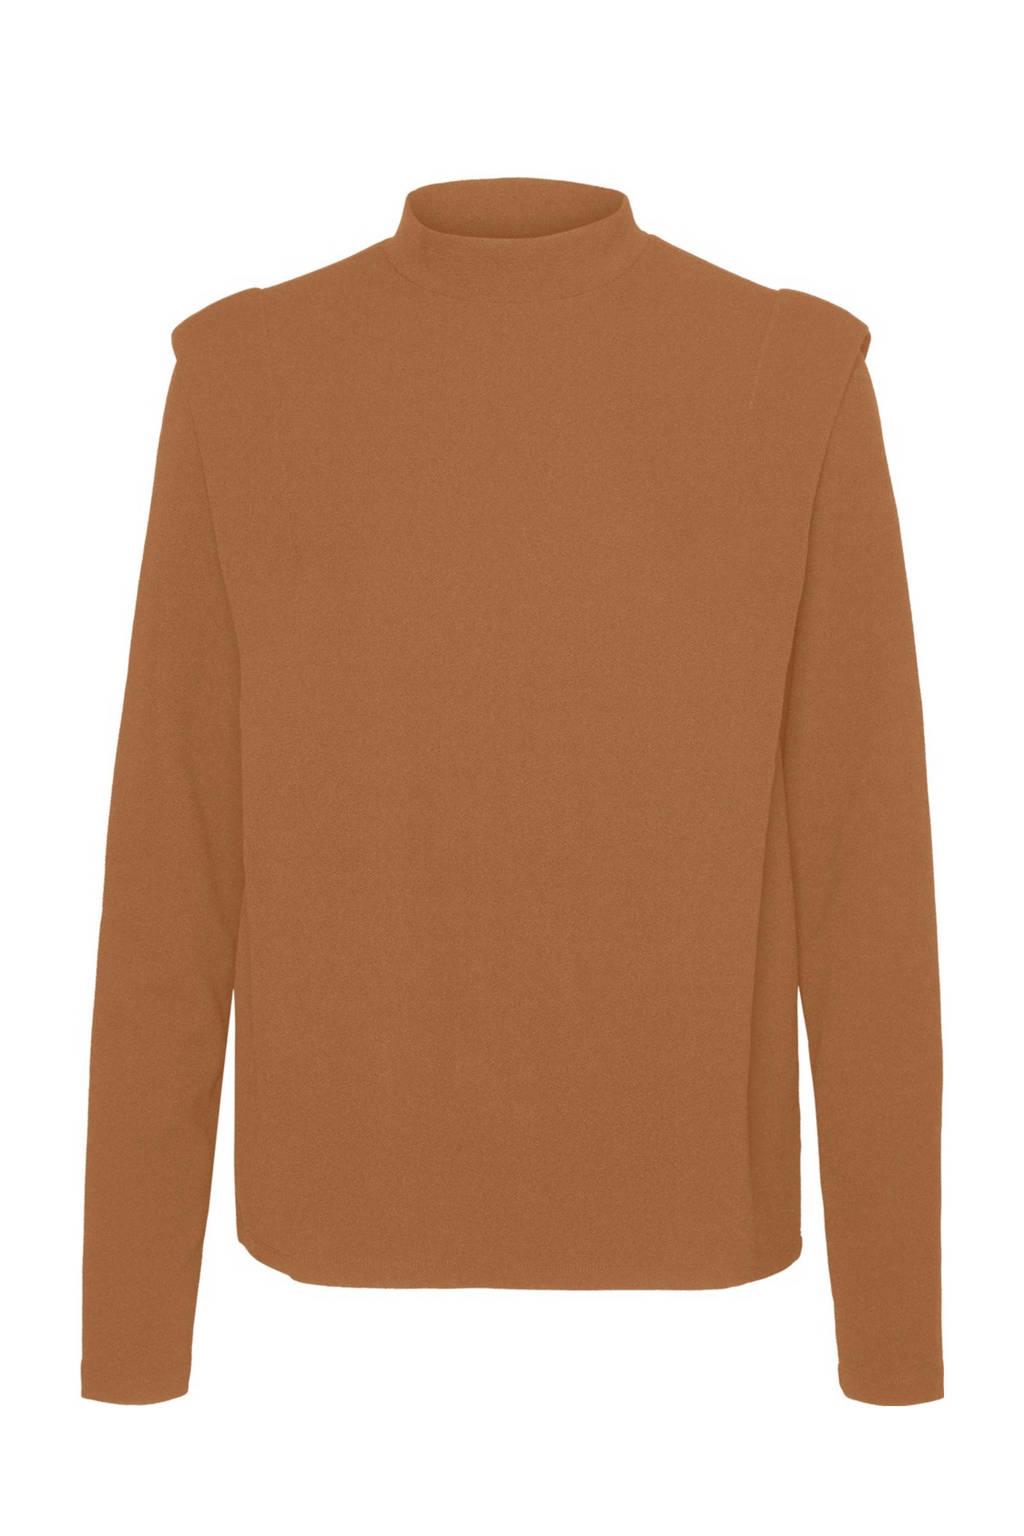 VERO MODA blouse VMLILIAN oranje, Oranje